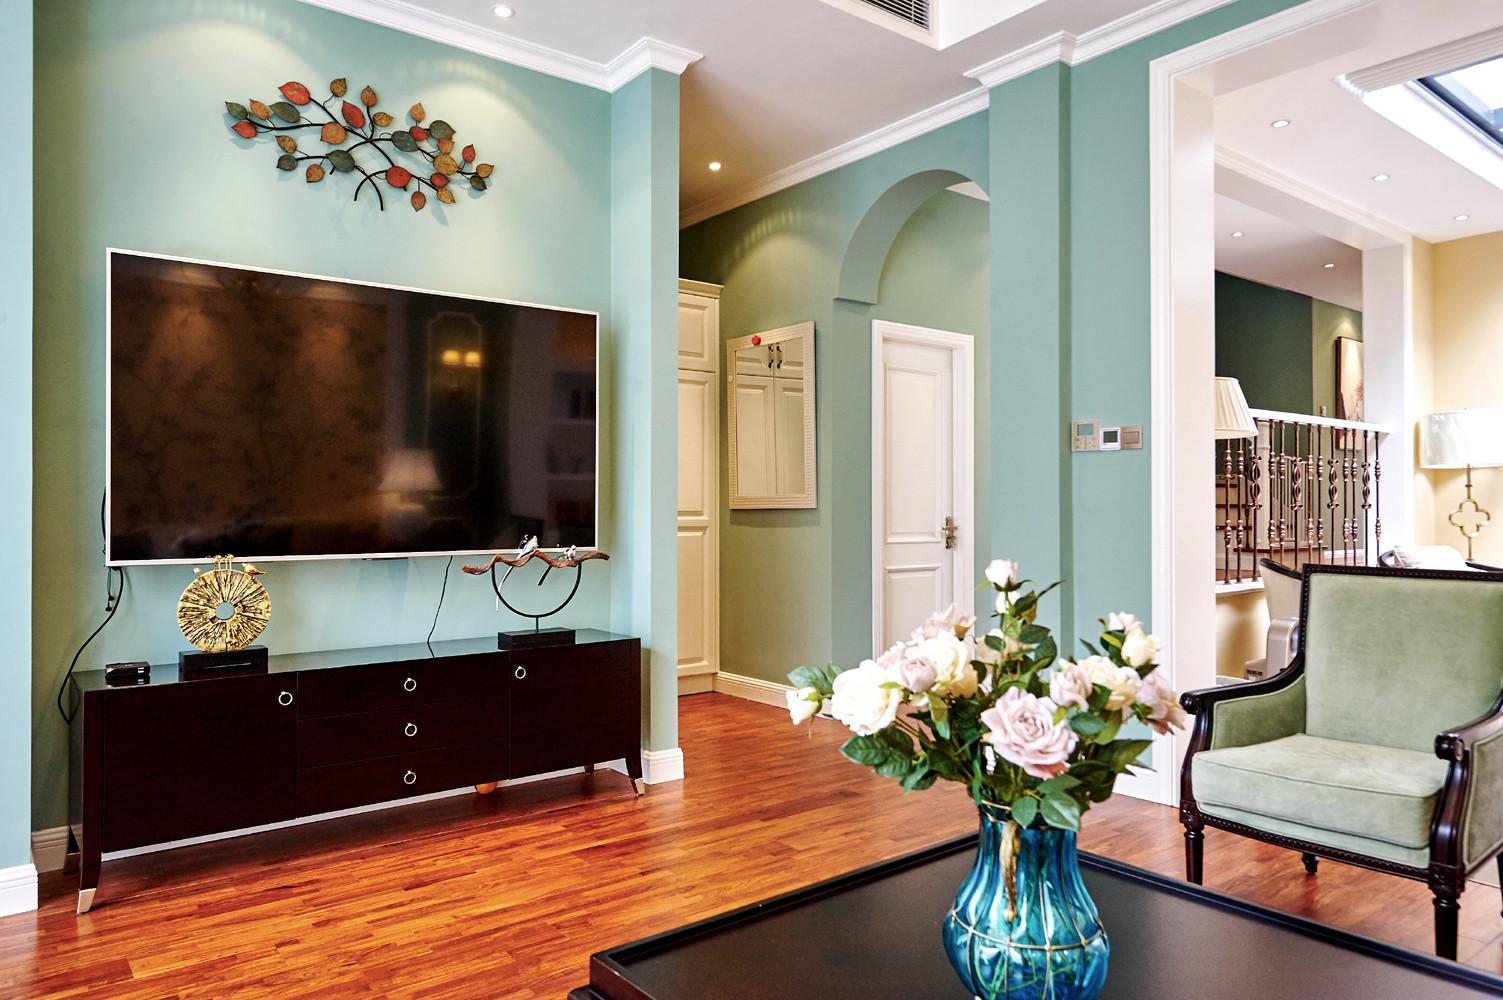 美式别墅装修电视背景墙图片